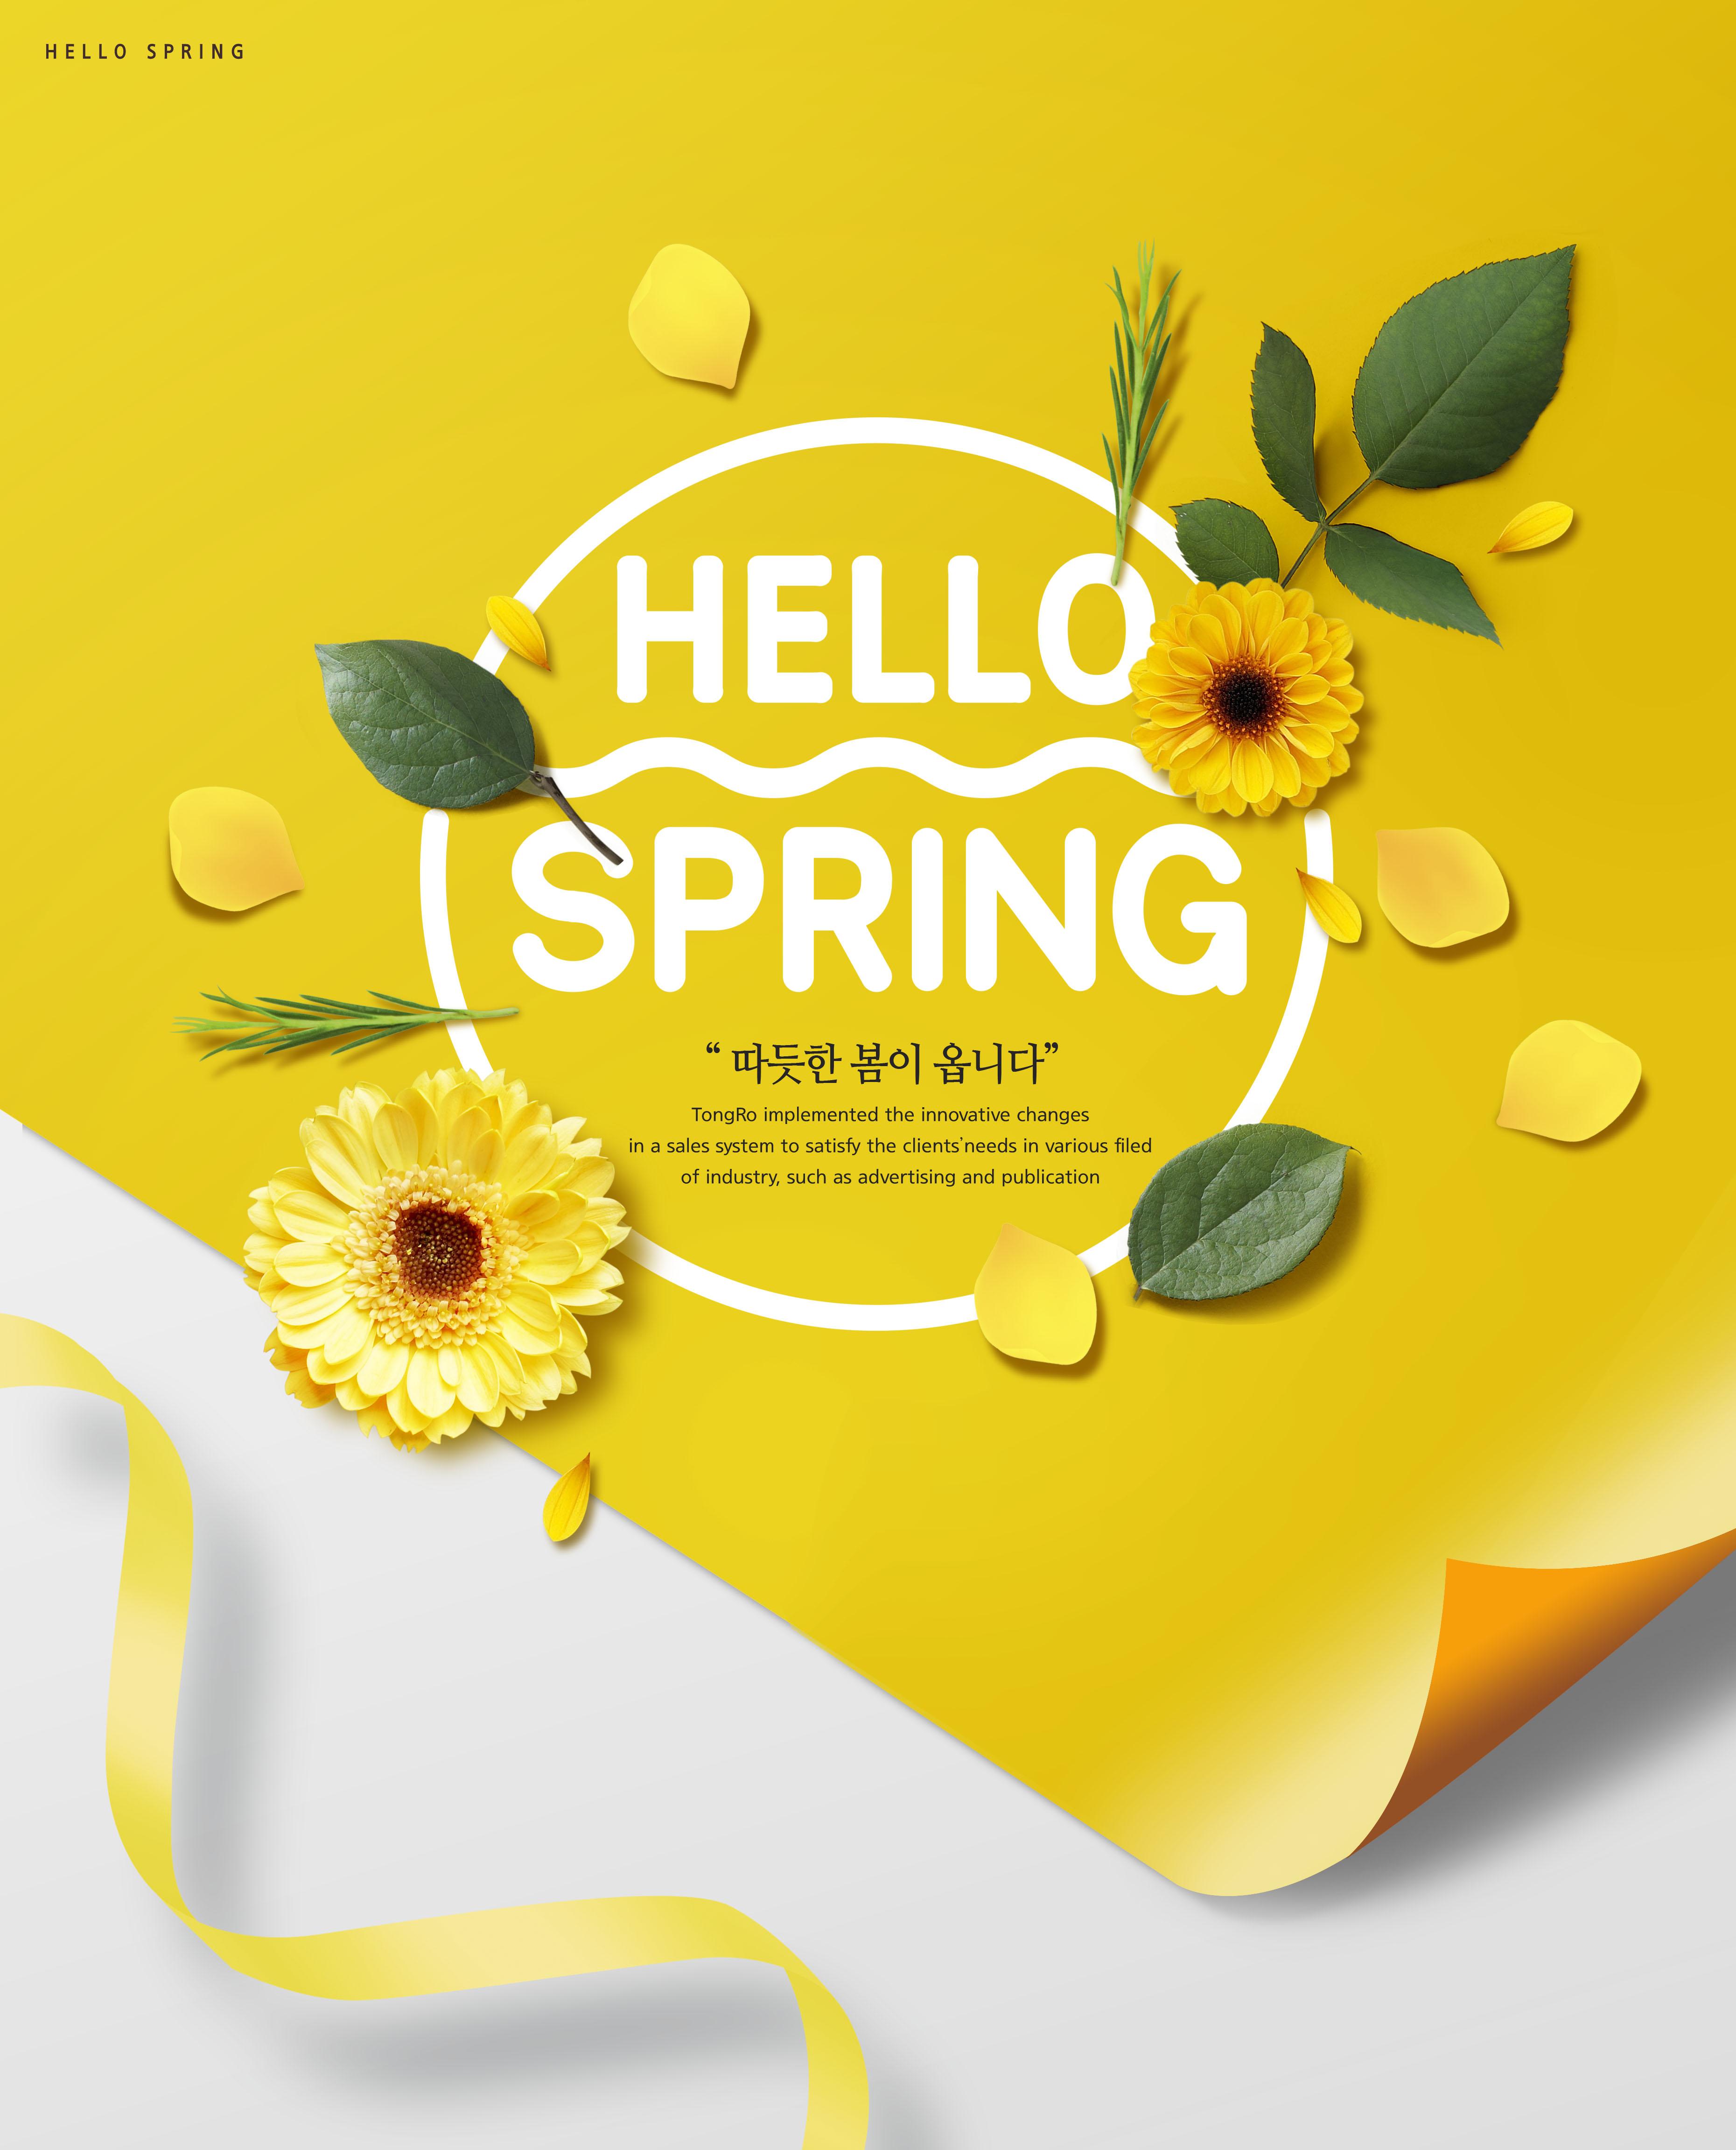 暖黄小雏菊春季促销广告海报模板